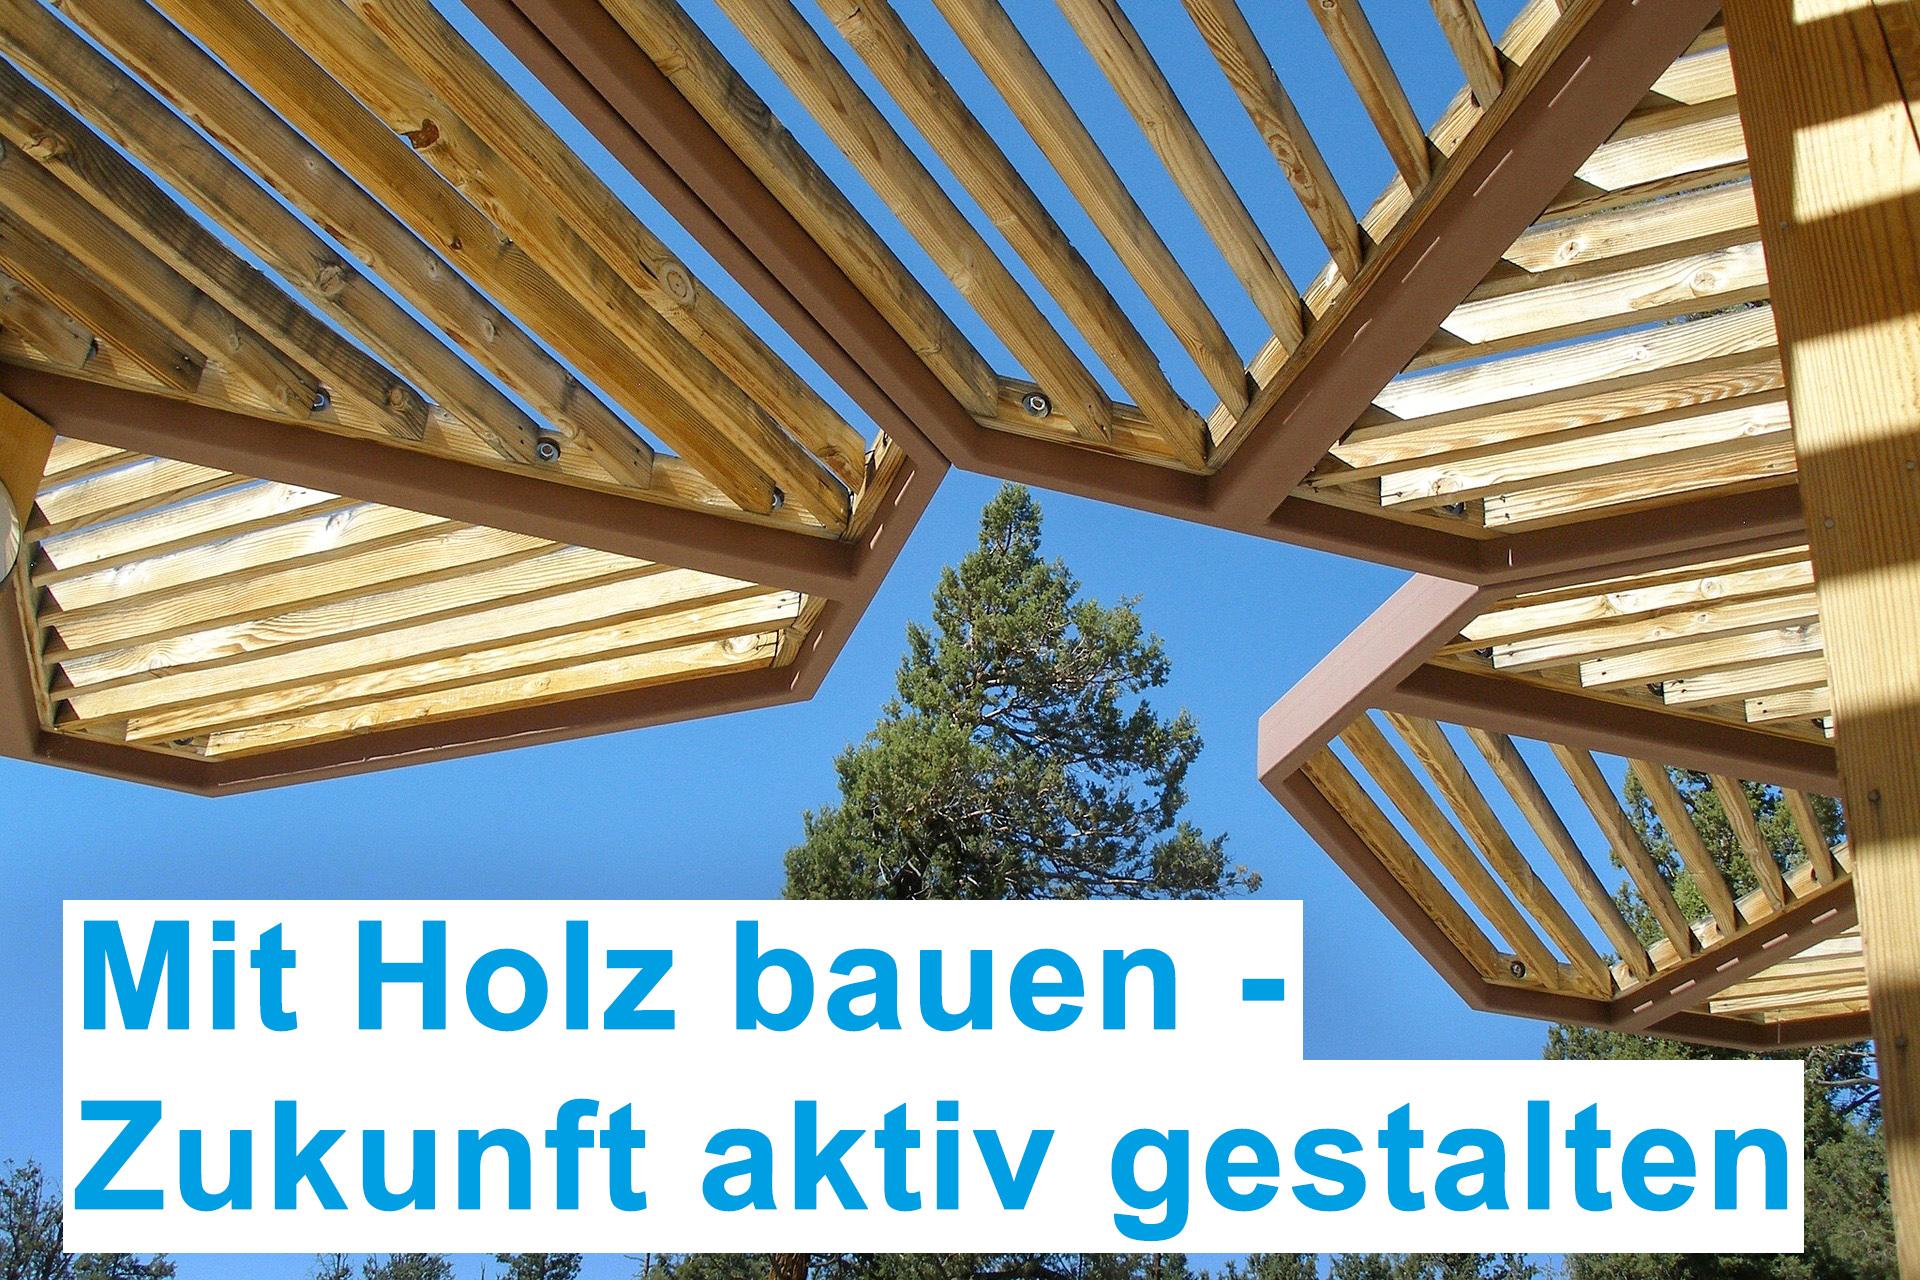 Holzbau - Brandschutz - Abweichungen - Teil 1 / Ausschreibungsergebnis Holzbau - kein Zufall - Teil 2